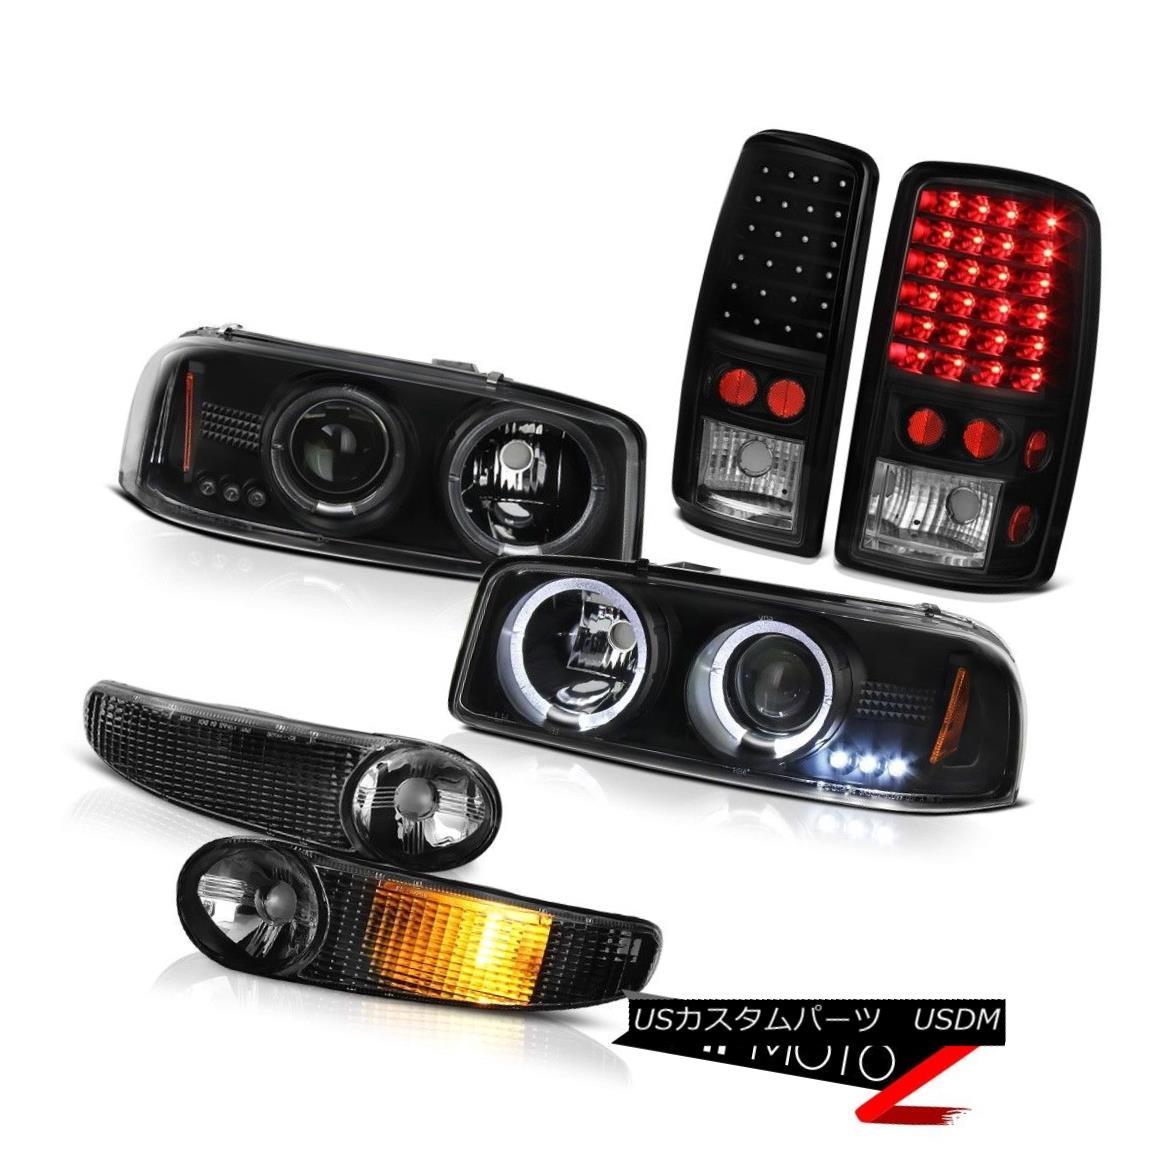 ヘッドライト 2X Angel Eye Projector Headlights Black Signal Bumper LED Tail Lamps 00-06 Yukon 2XエンジェルアイプロジェクターヘッドライトブラックシグナルバンパーLEDテールランプ00-06ユーコン